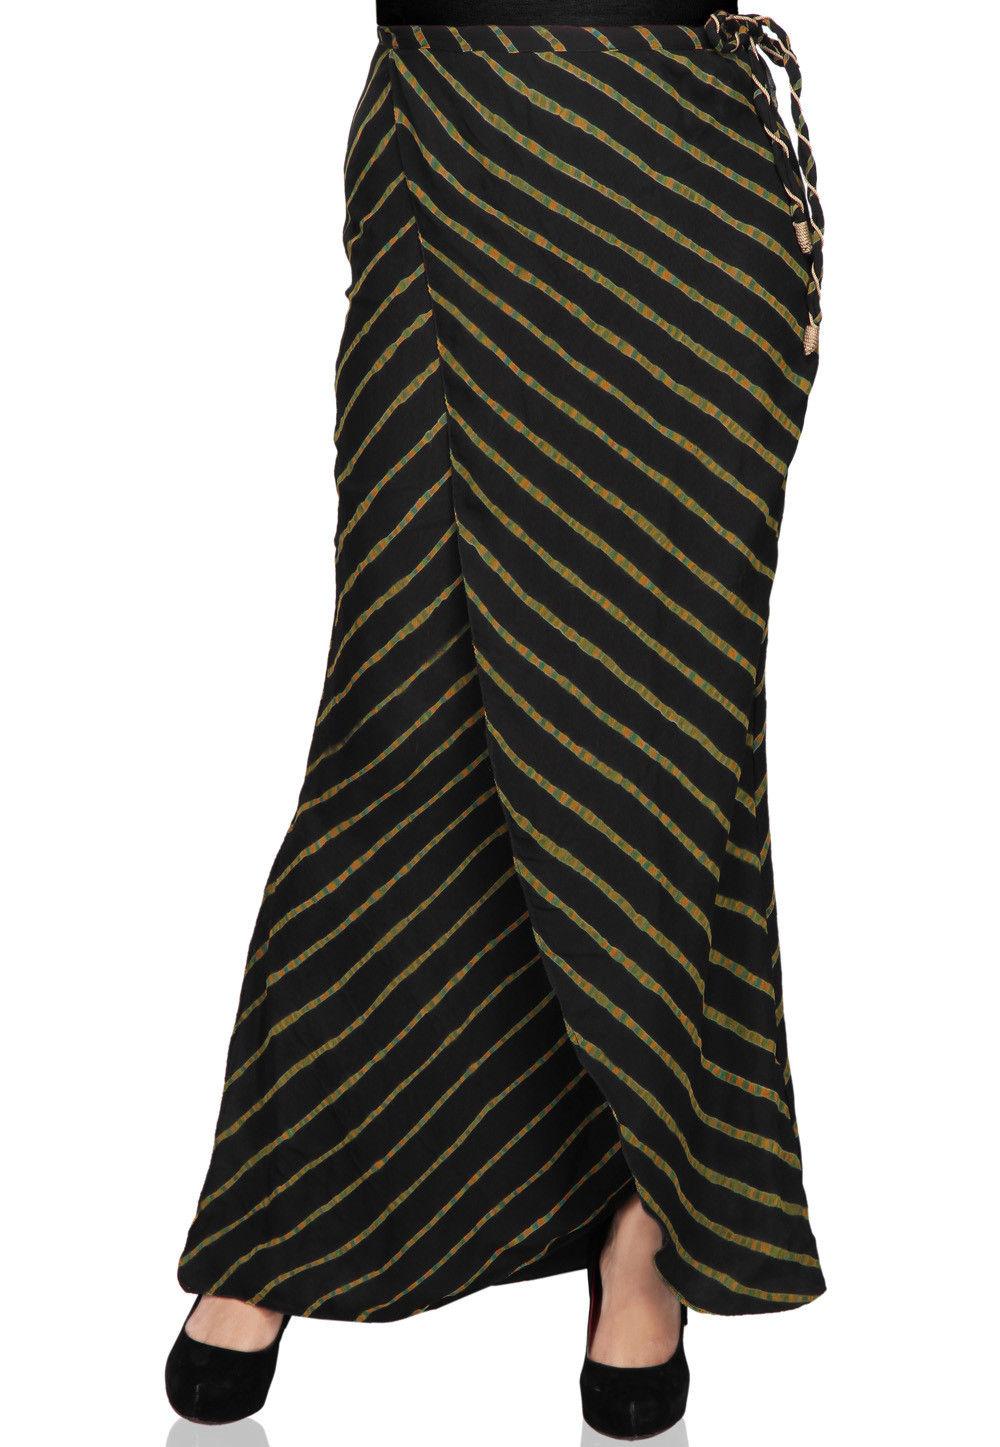 Leheriya Printed Pure Georgette Long Skirt in Black